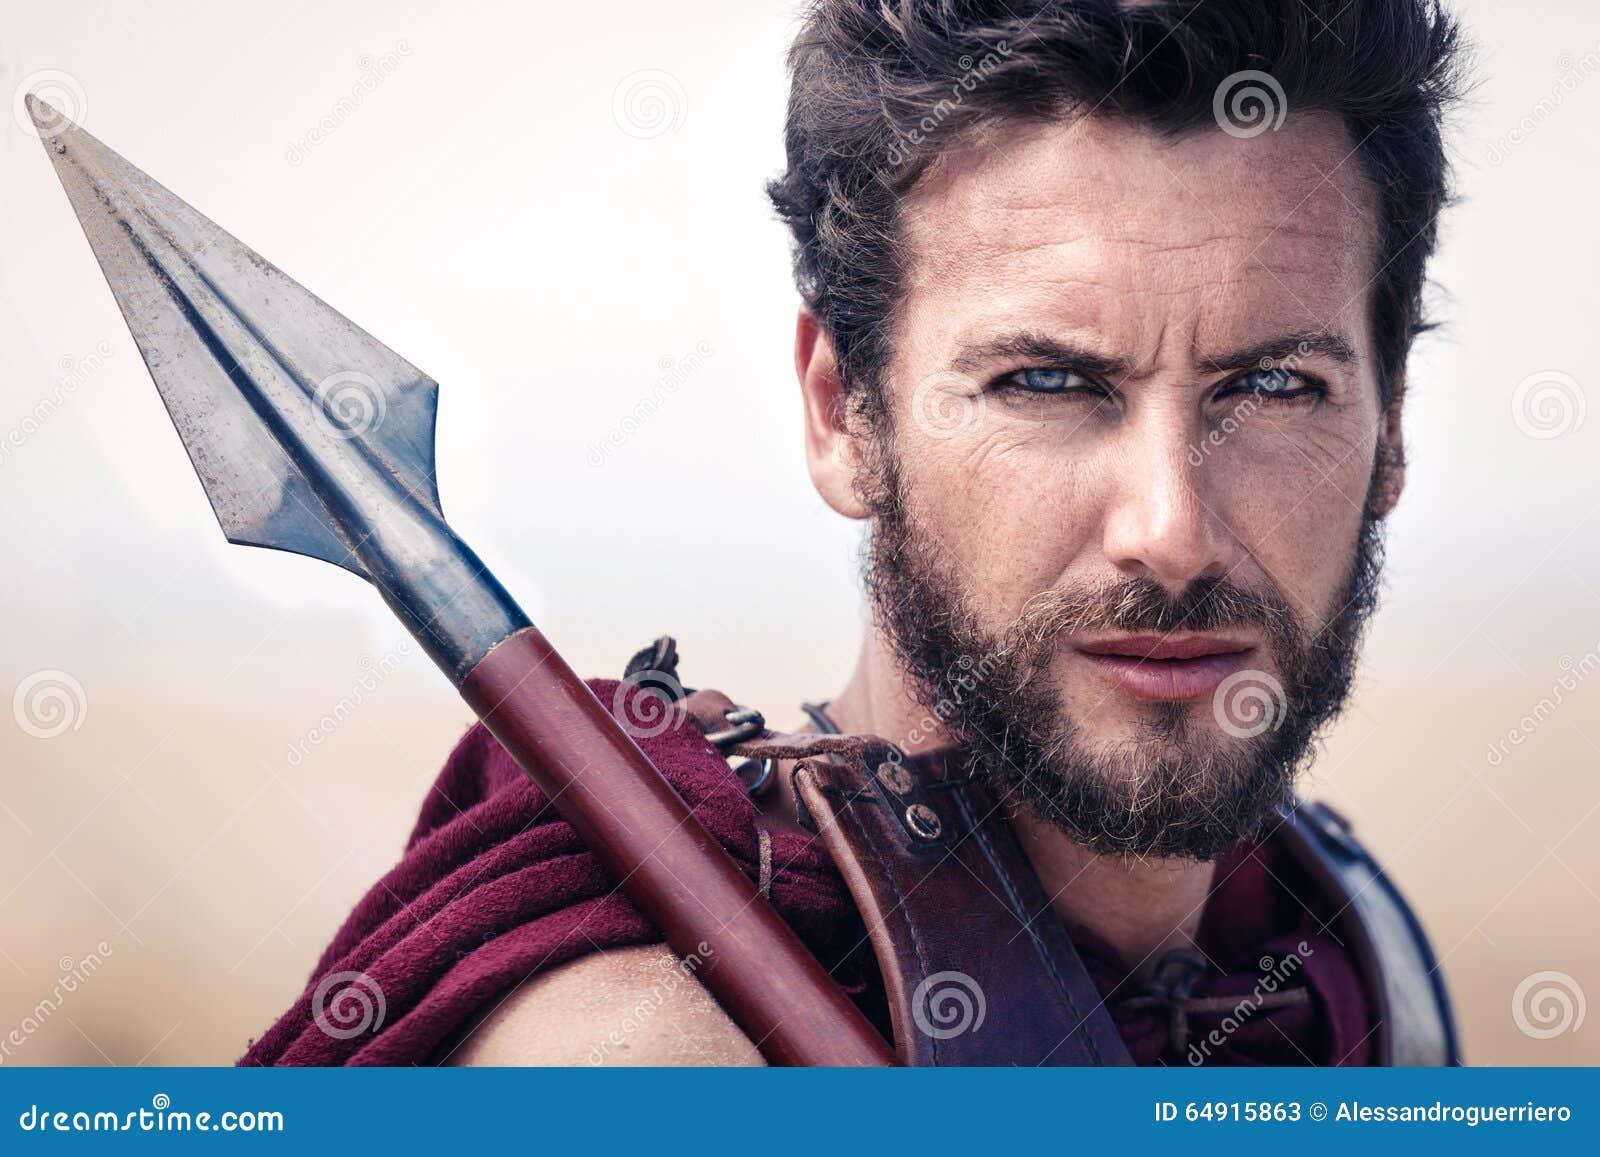 Όμορφος αρχαίος πολεμιστής στο τεθωρακισμένο